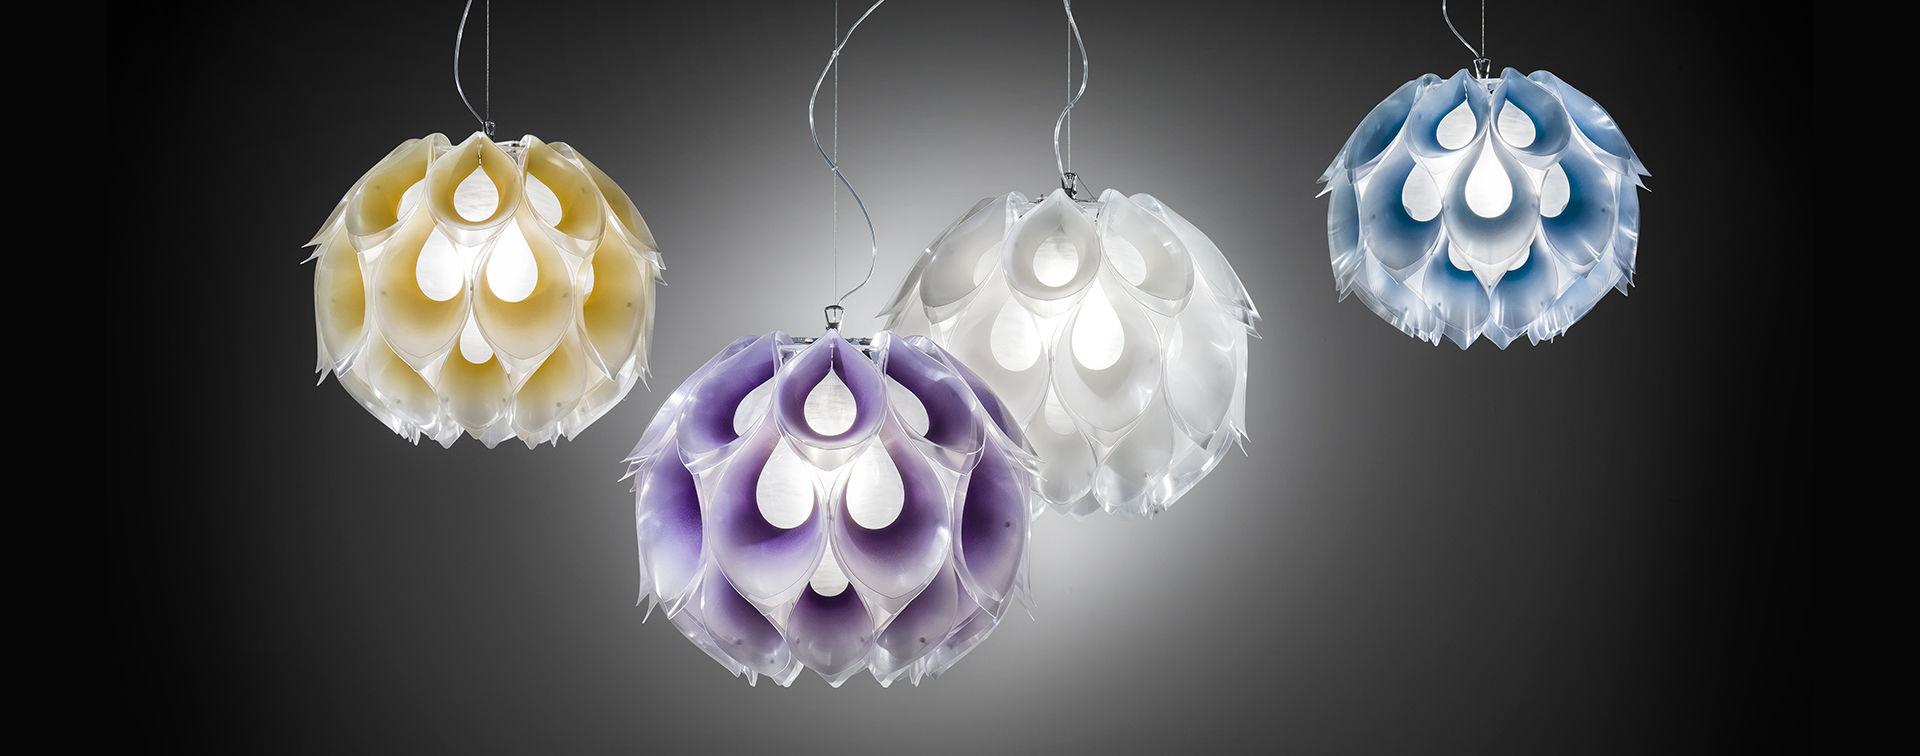 Lampada Flora da Paola Elisa mobili